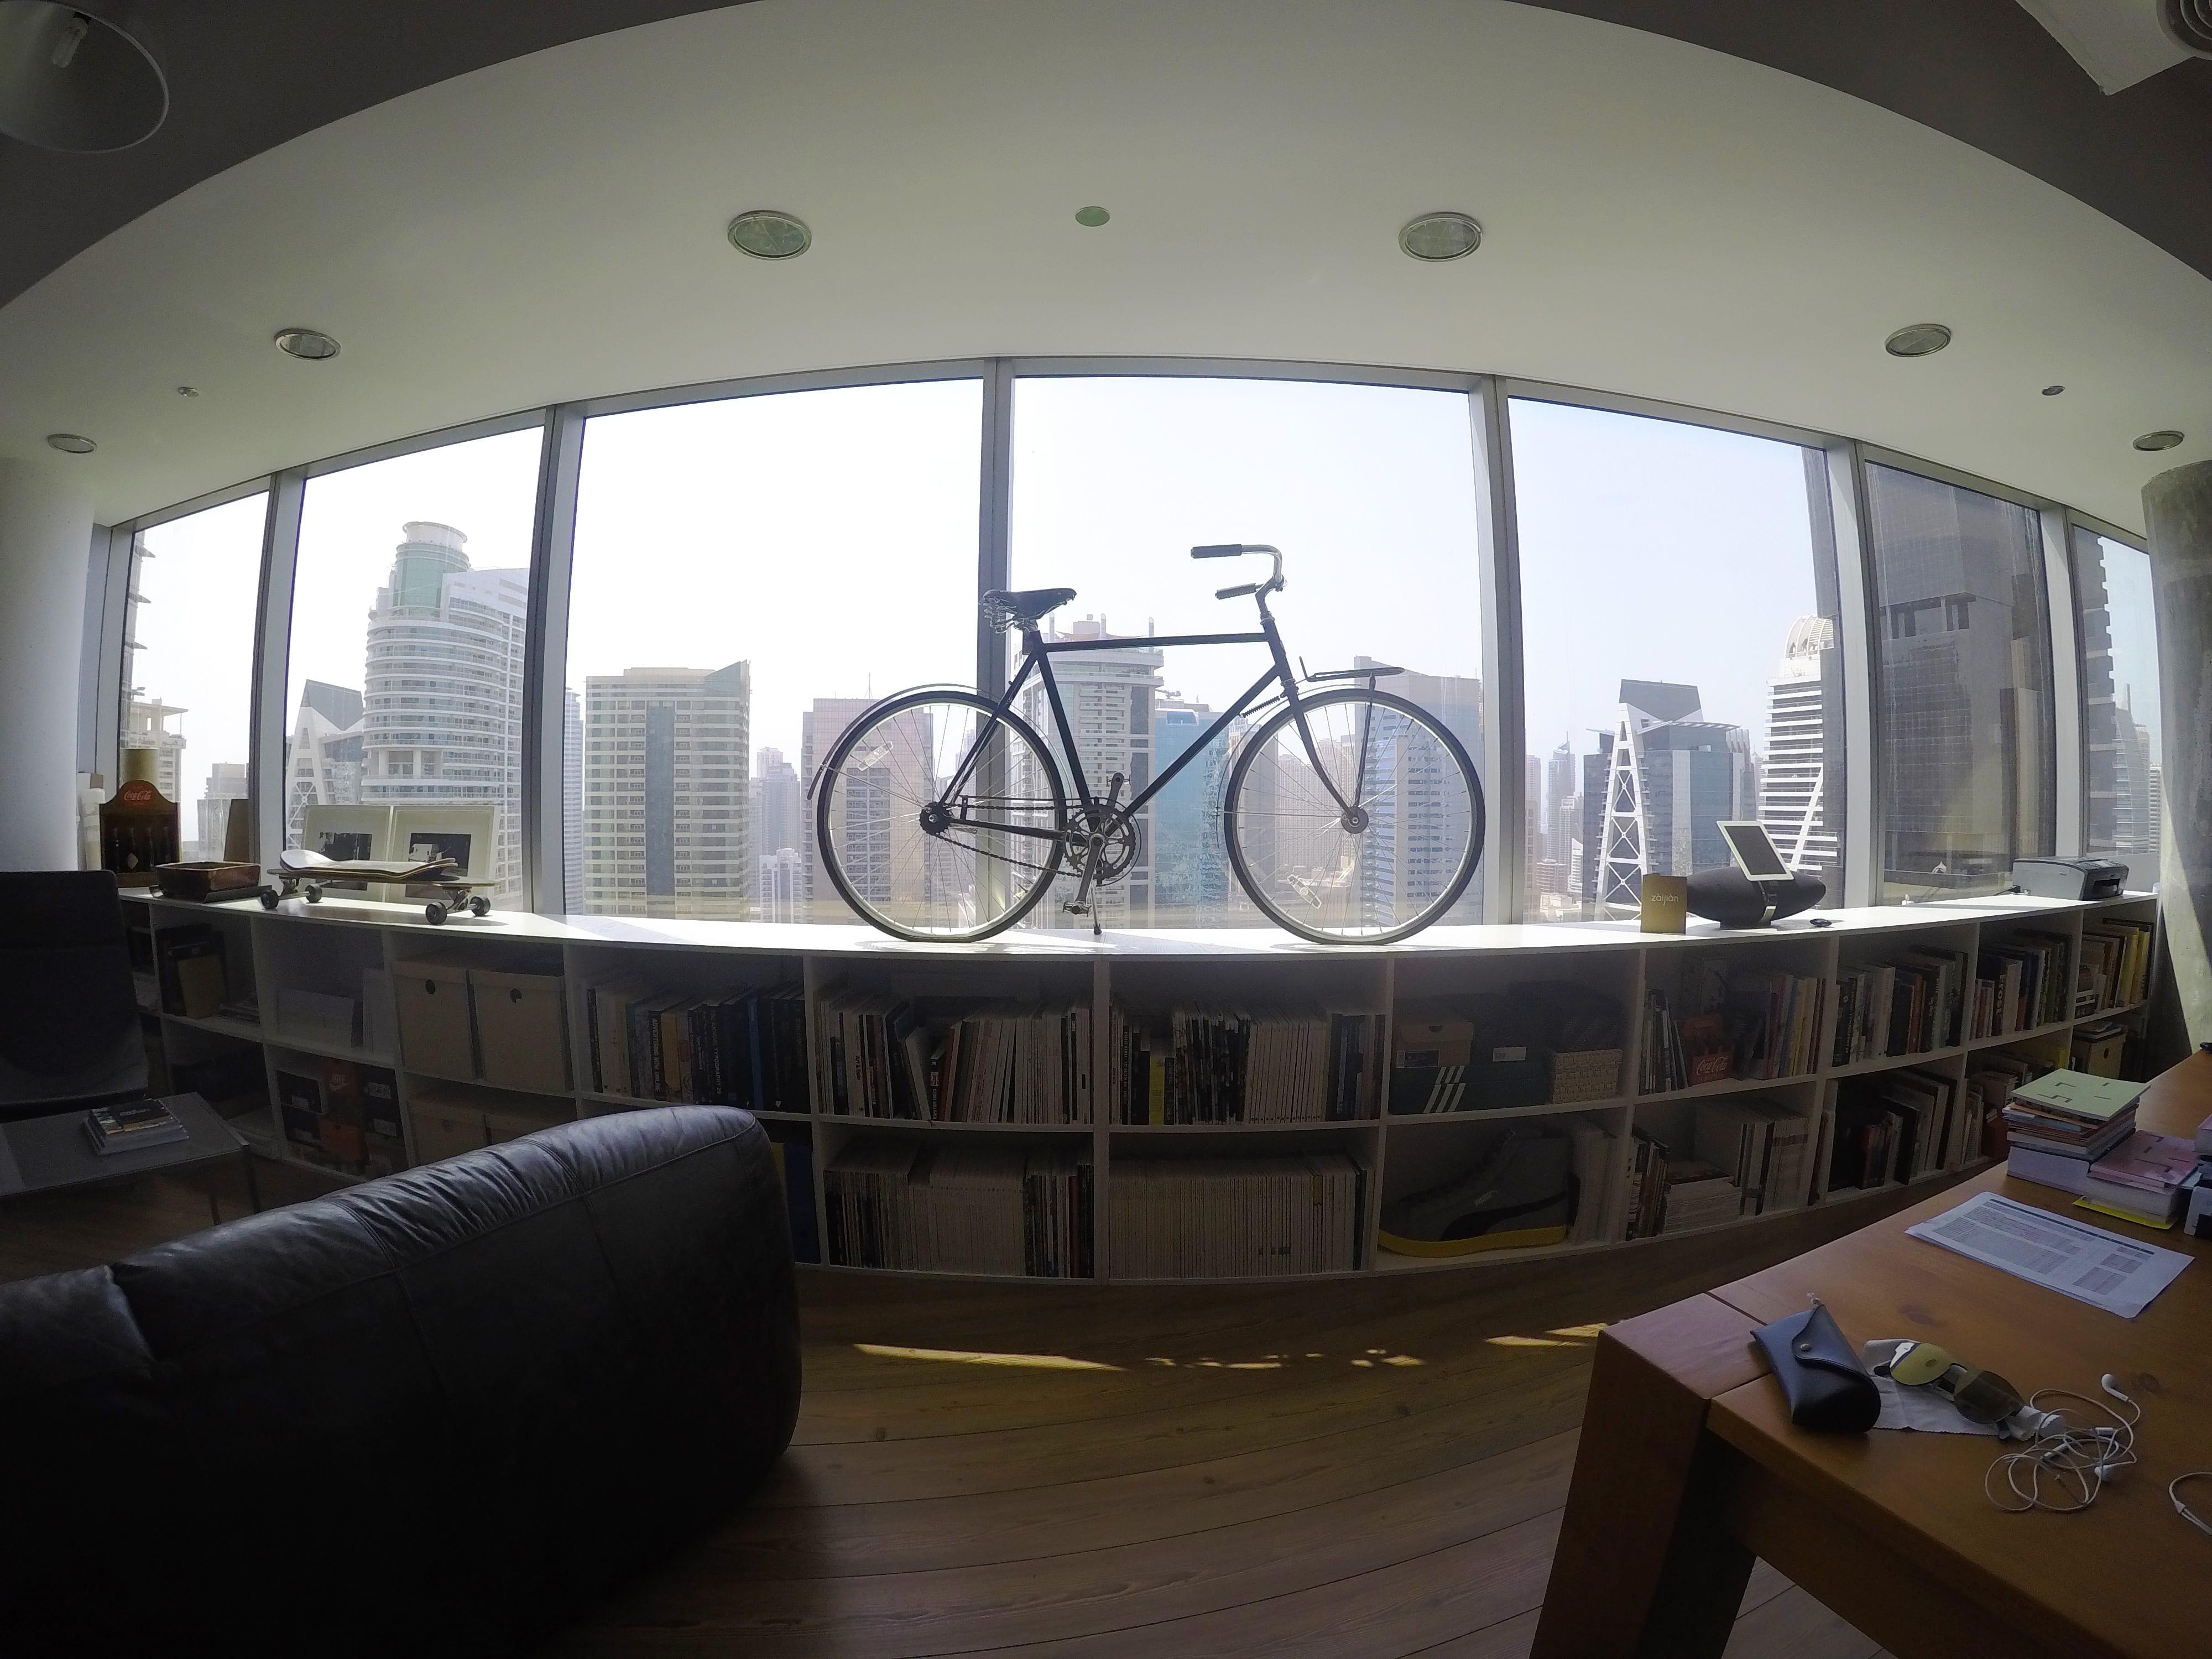 Moloobhoy & Brown's studio in Dubai